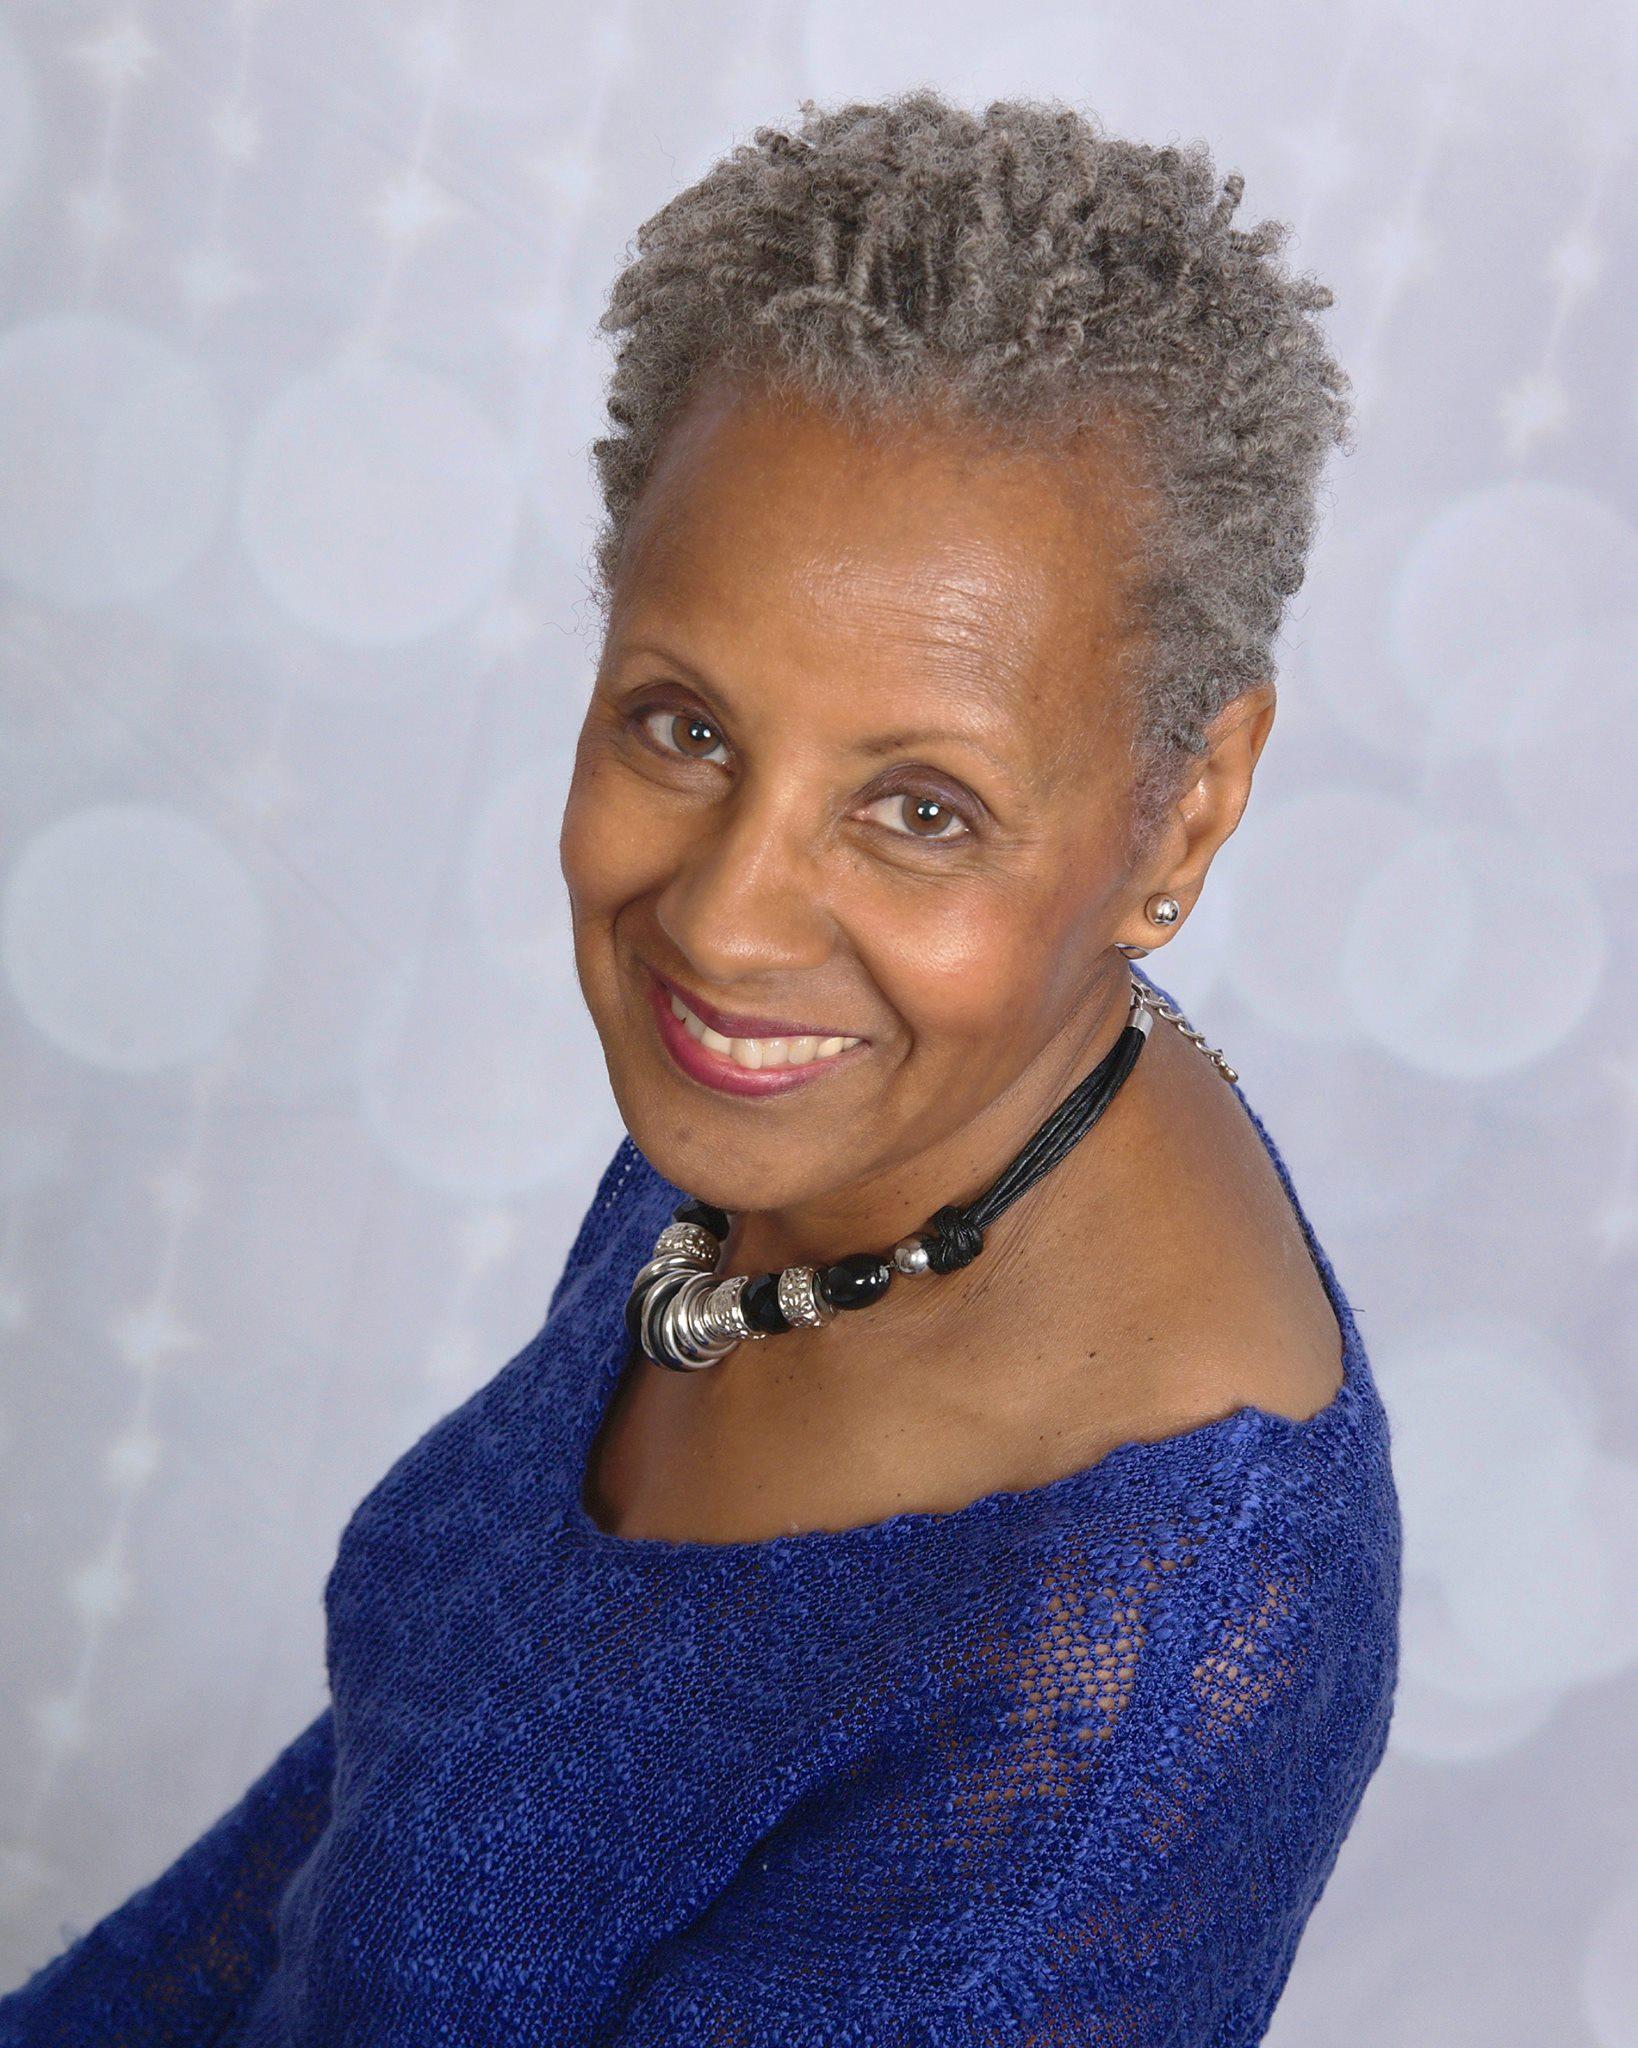 Elaine Cody